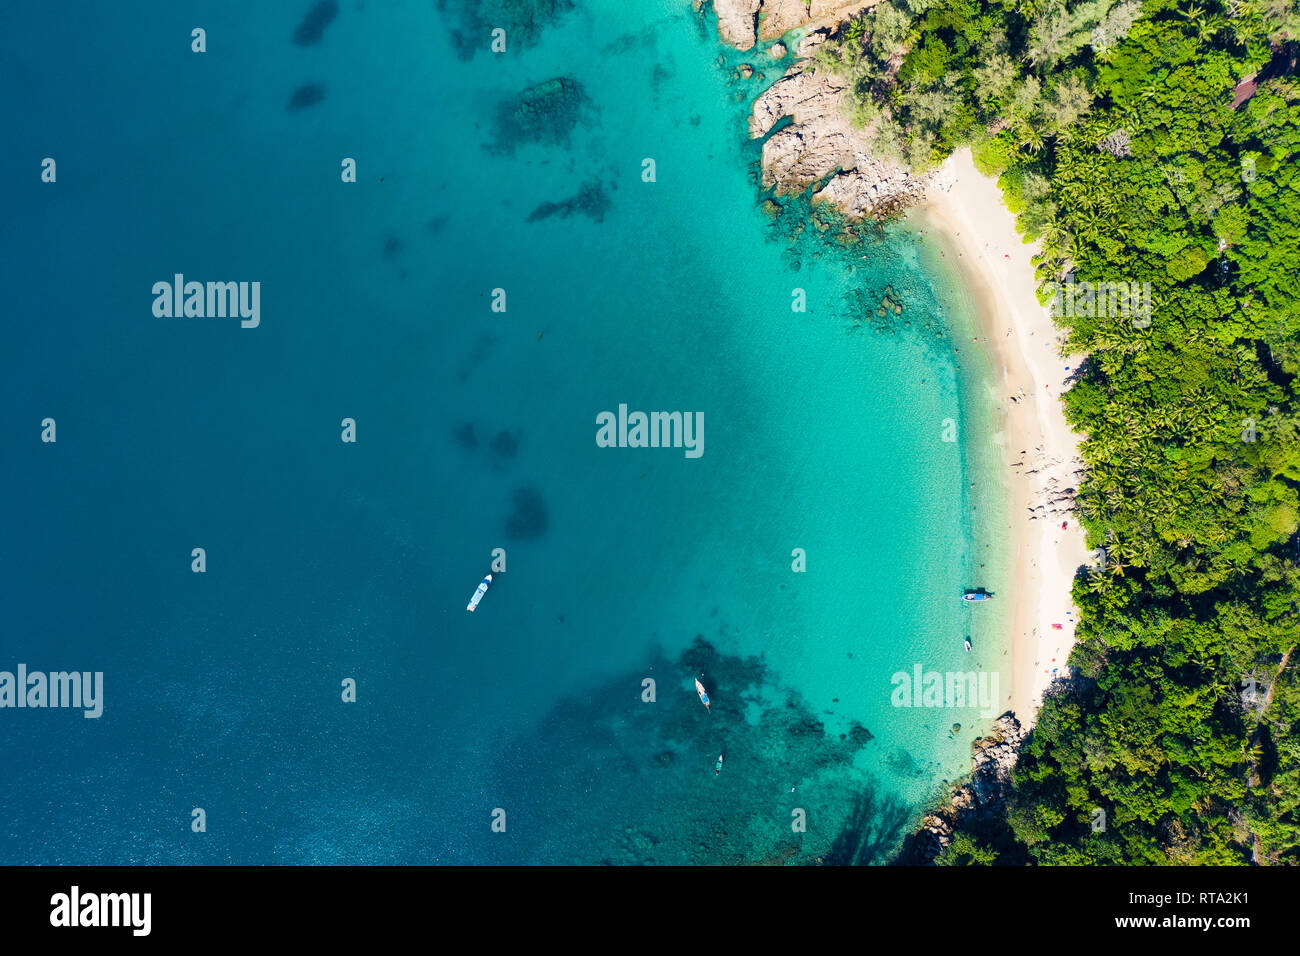 Vista desde arriba, la vista aérea de una hermosa playa tropical de arena blanca y aguas turquesas, Banana Beach, Phuket, Tailandia. Foto de stock